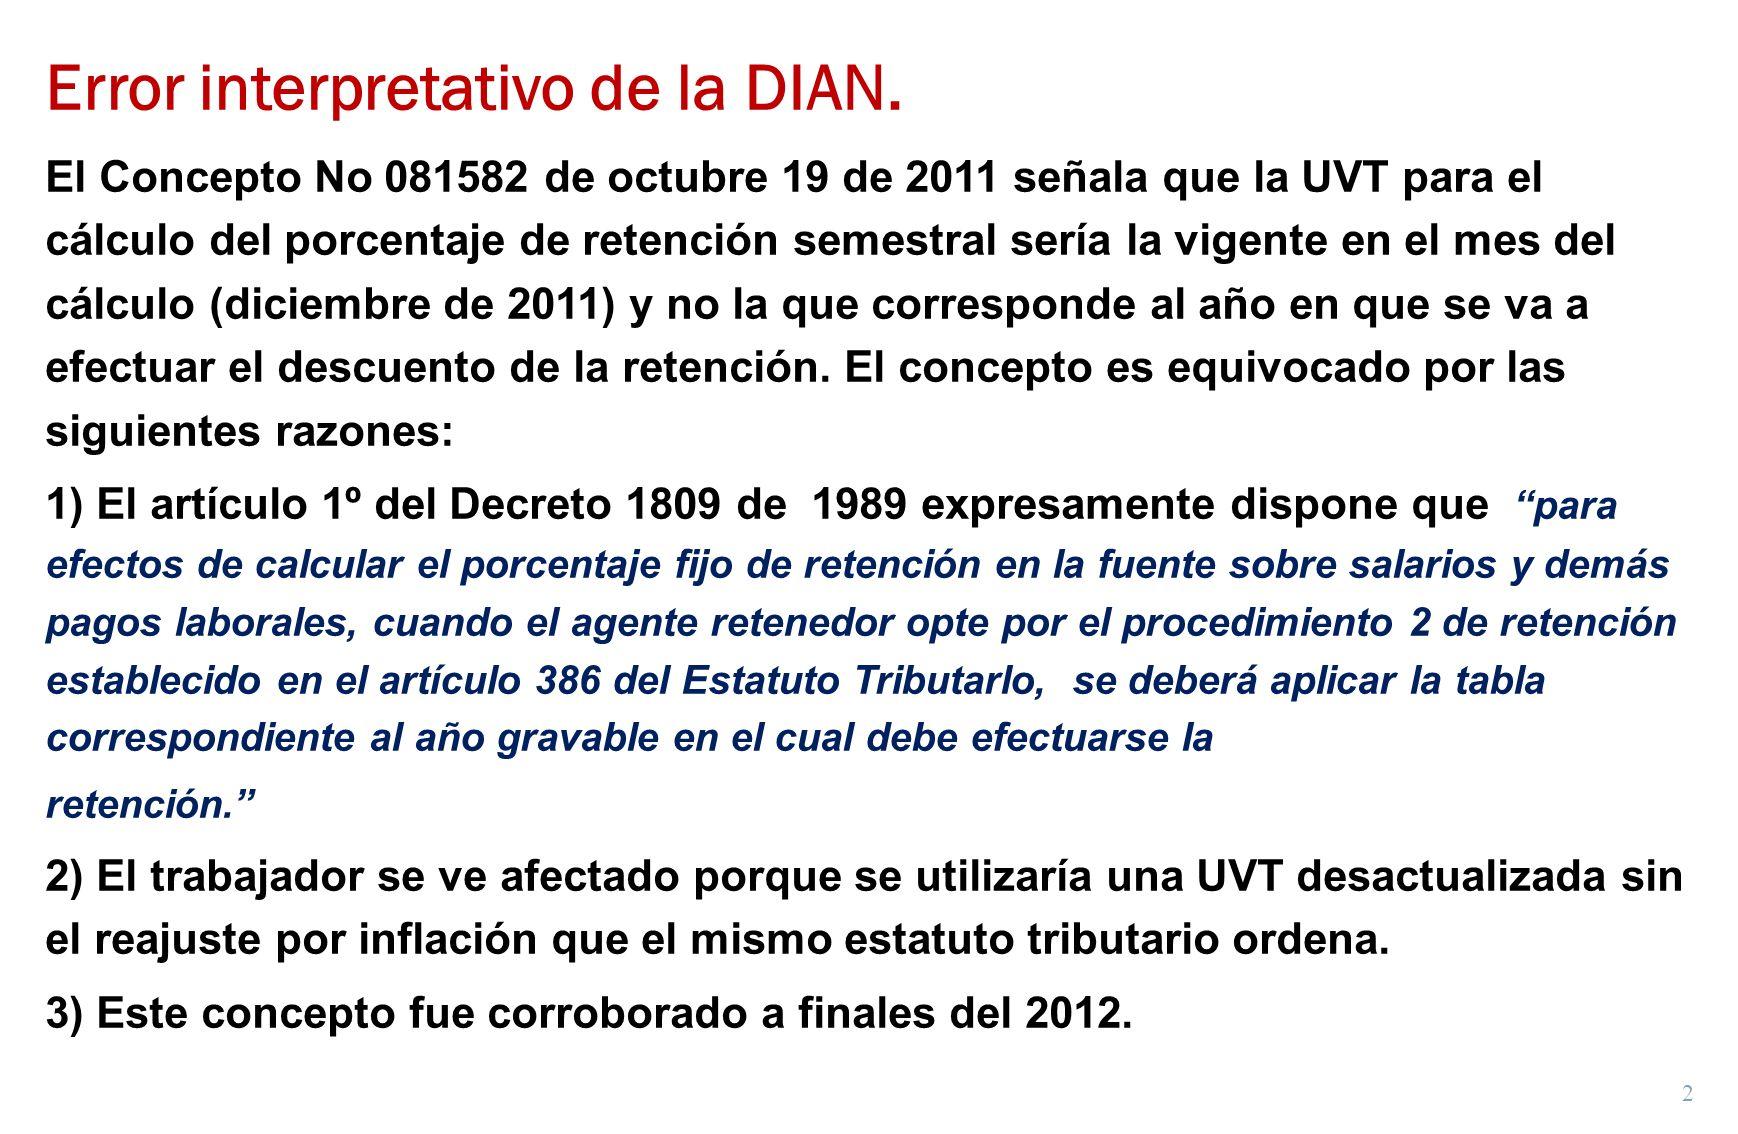 2 Error interpretativo de la DIAN. El Concepto No 081582 de octubre 19 de 2011 señala que la UVT para el cálculo del porcentaje de retención semestral